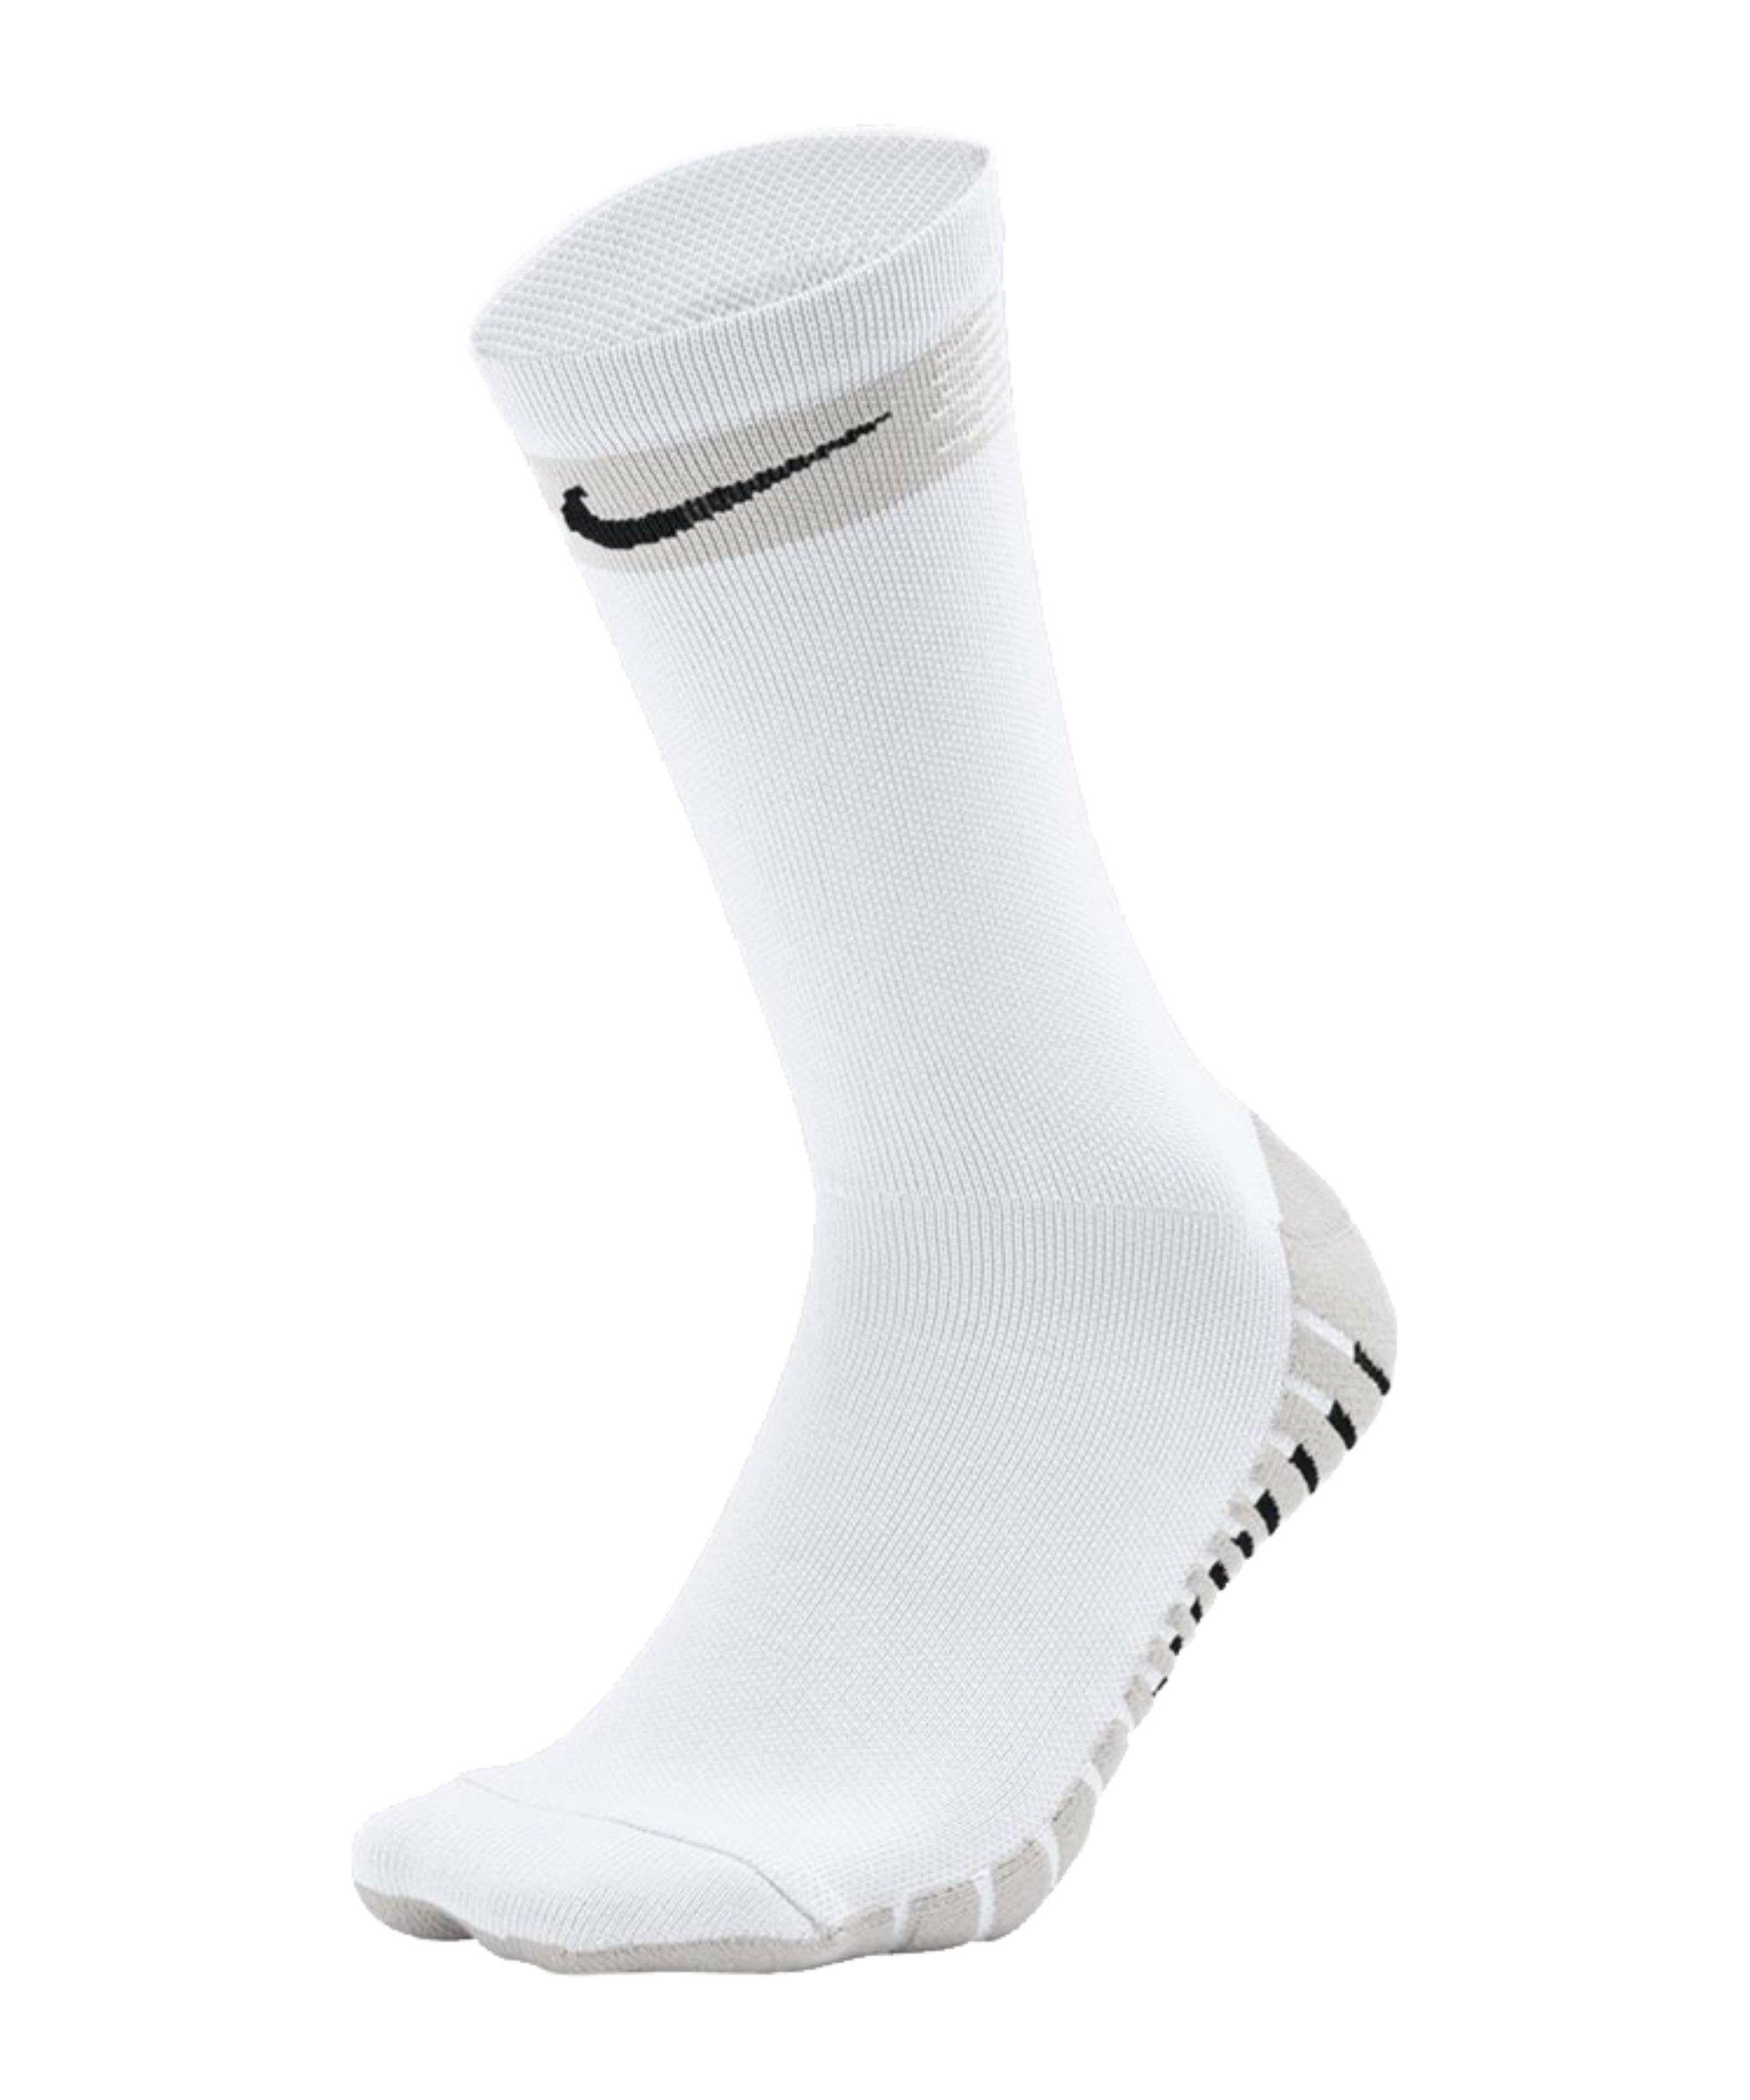 Nike Team Matchfit Crew Socken Weiss F100 - weiss